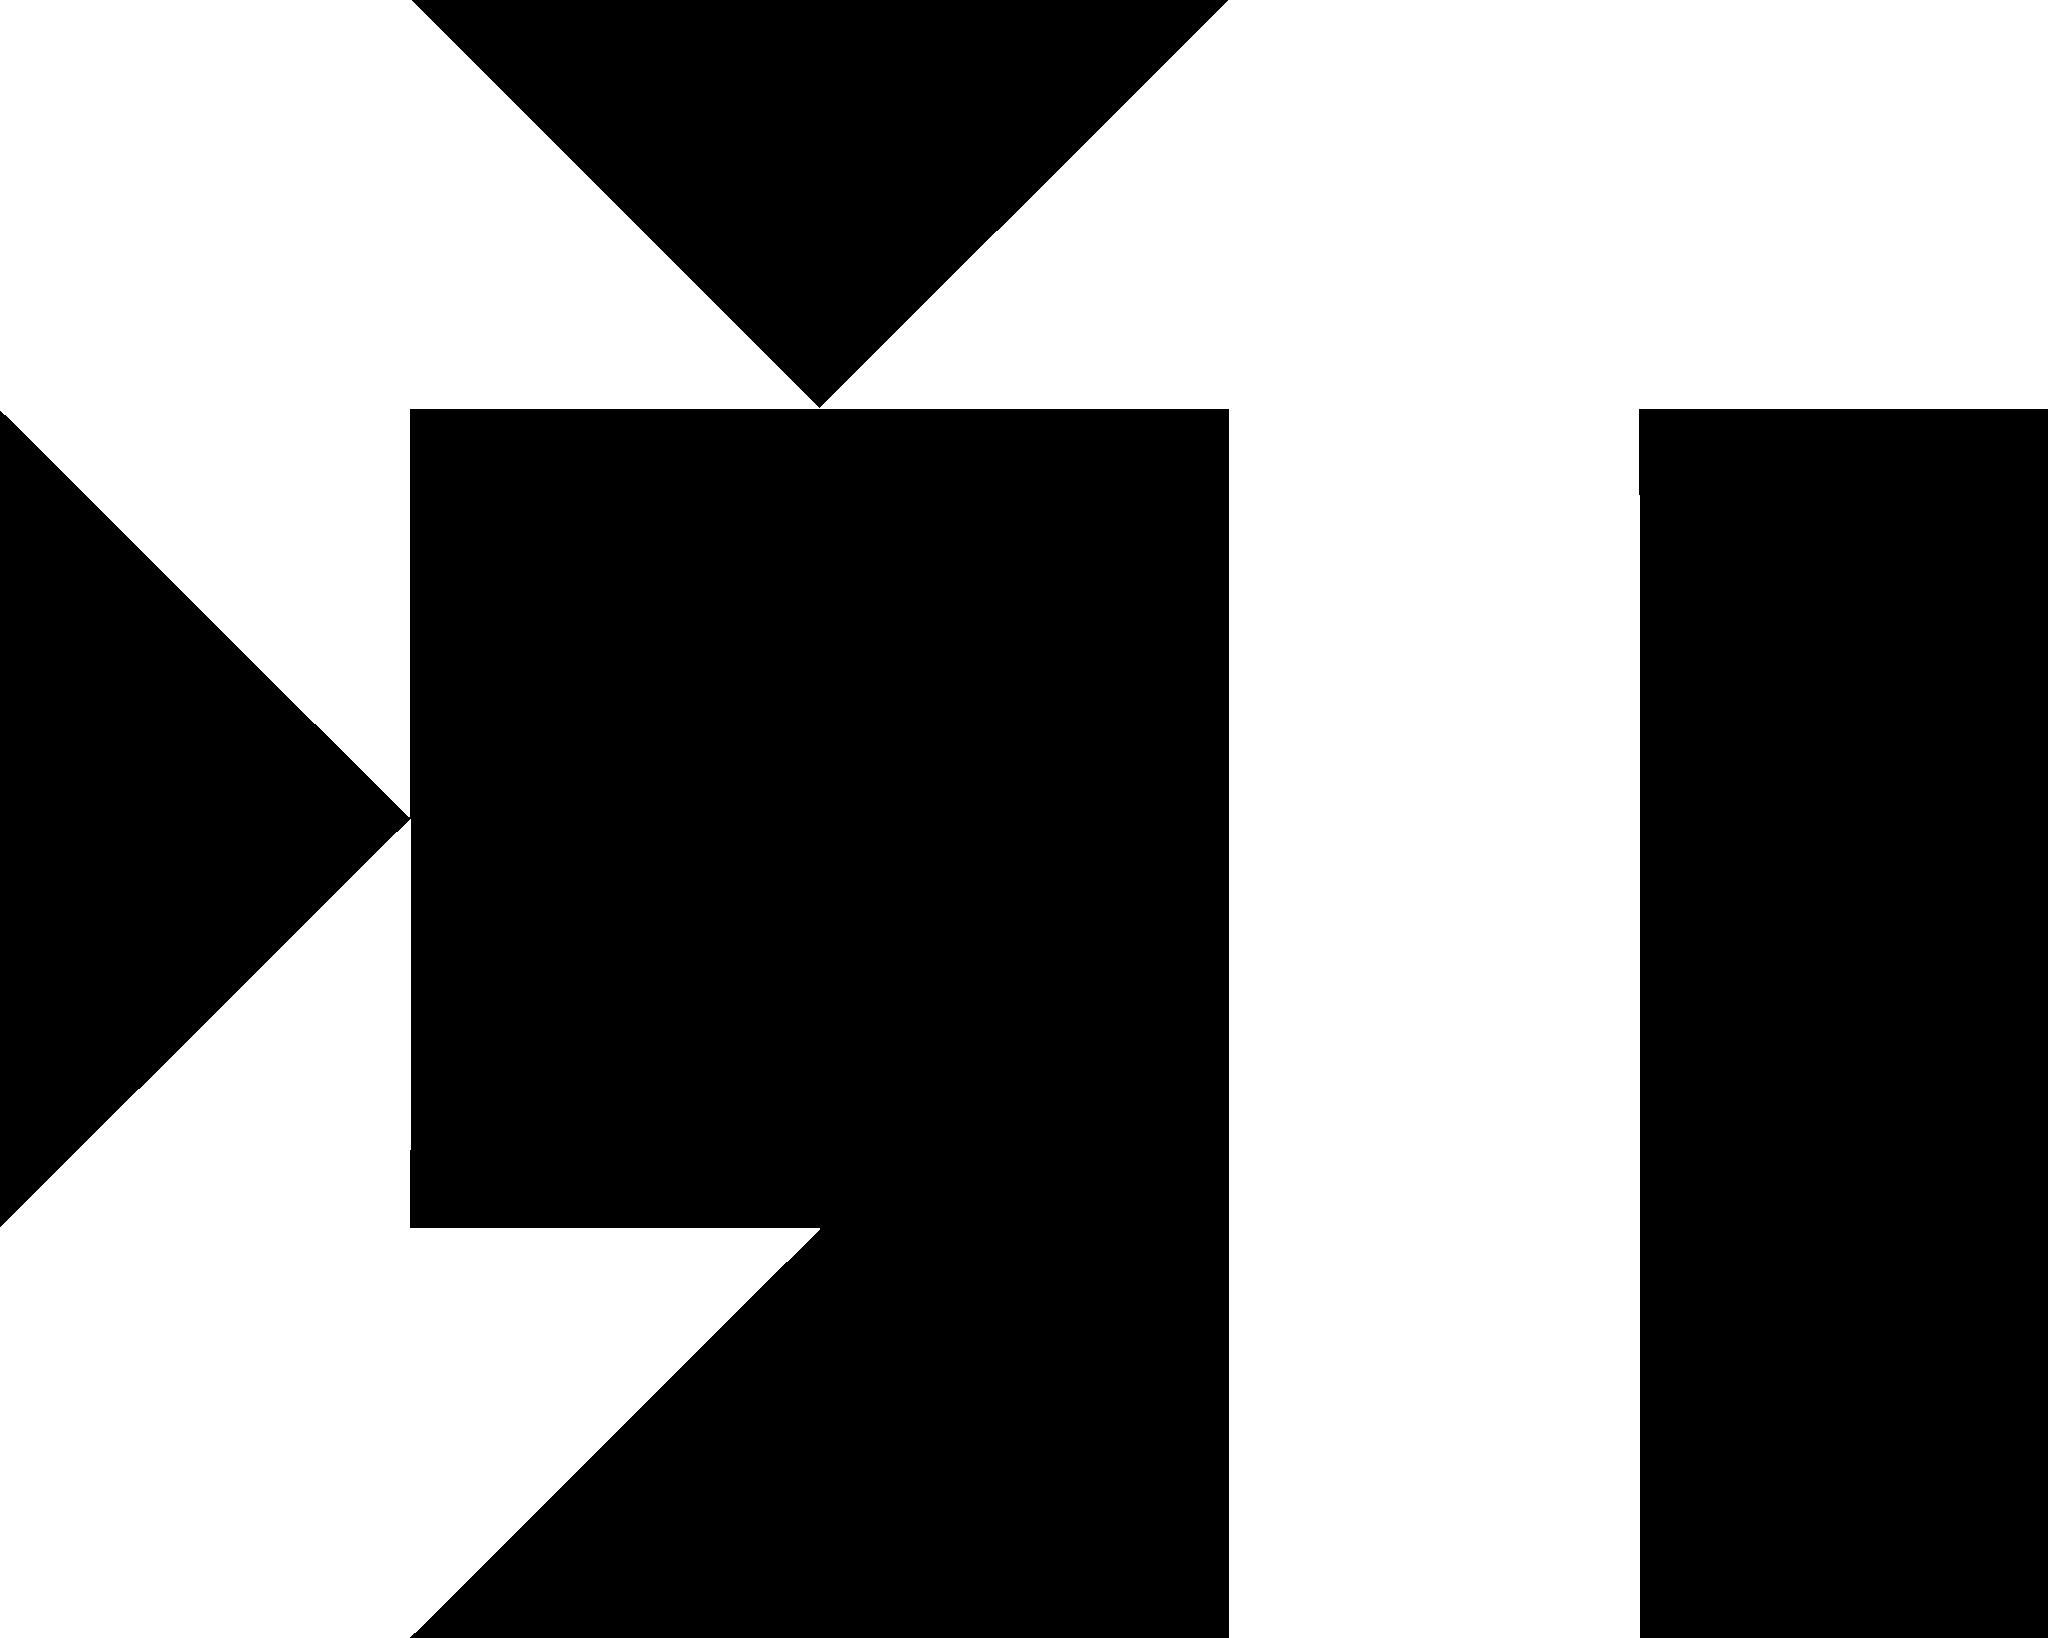 Tilesetter - Tileset generator & map editor tool by Led